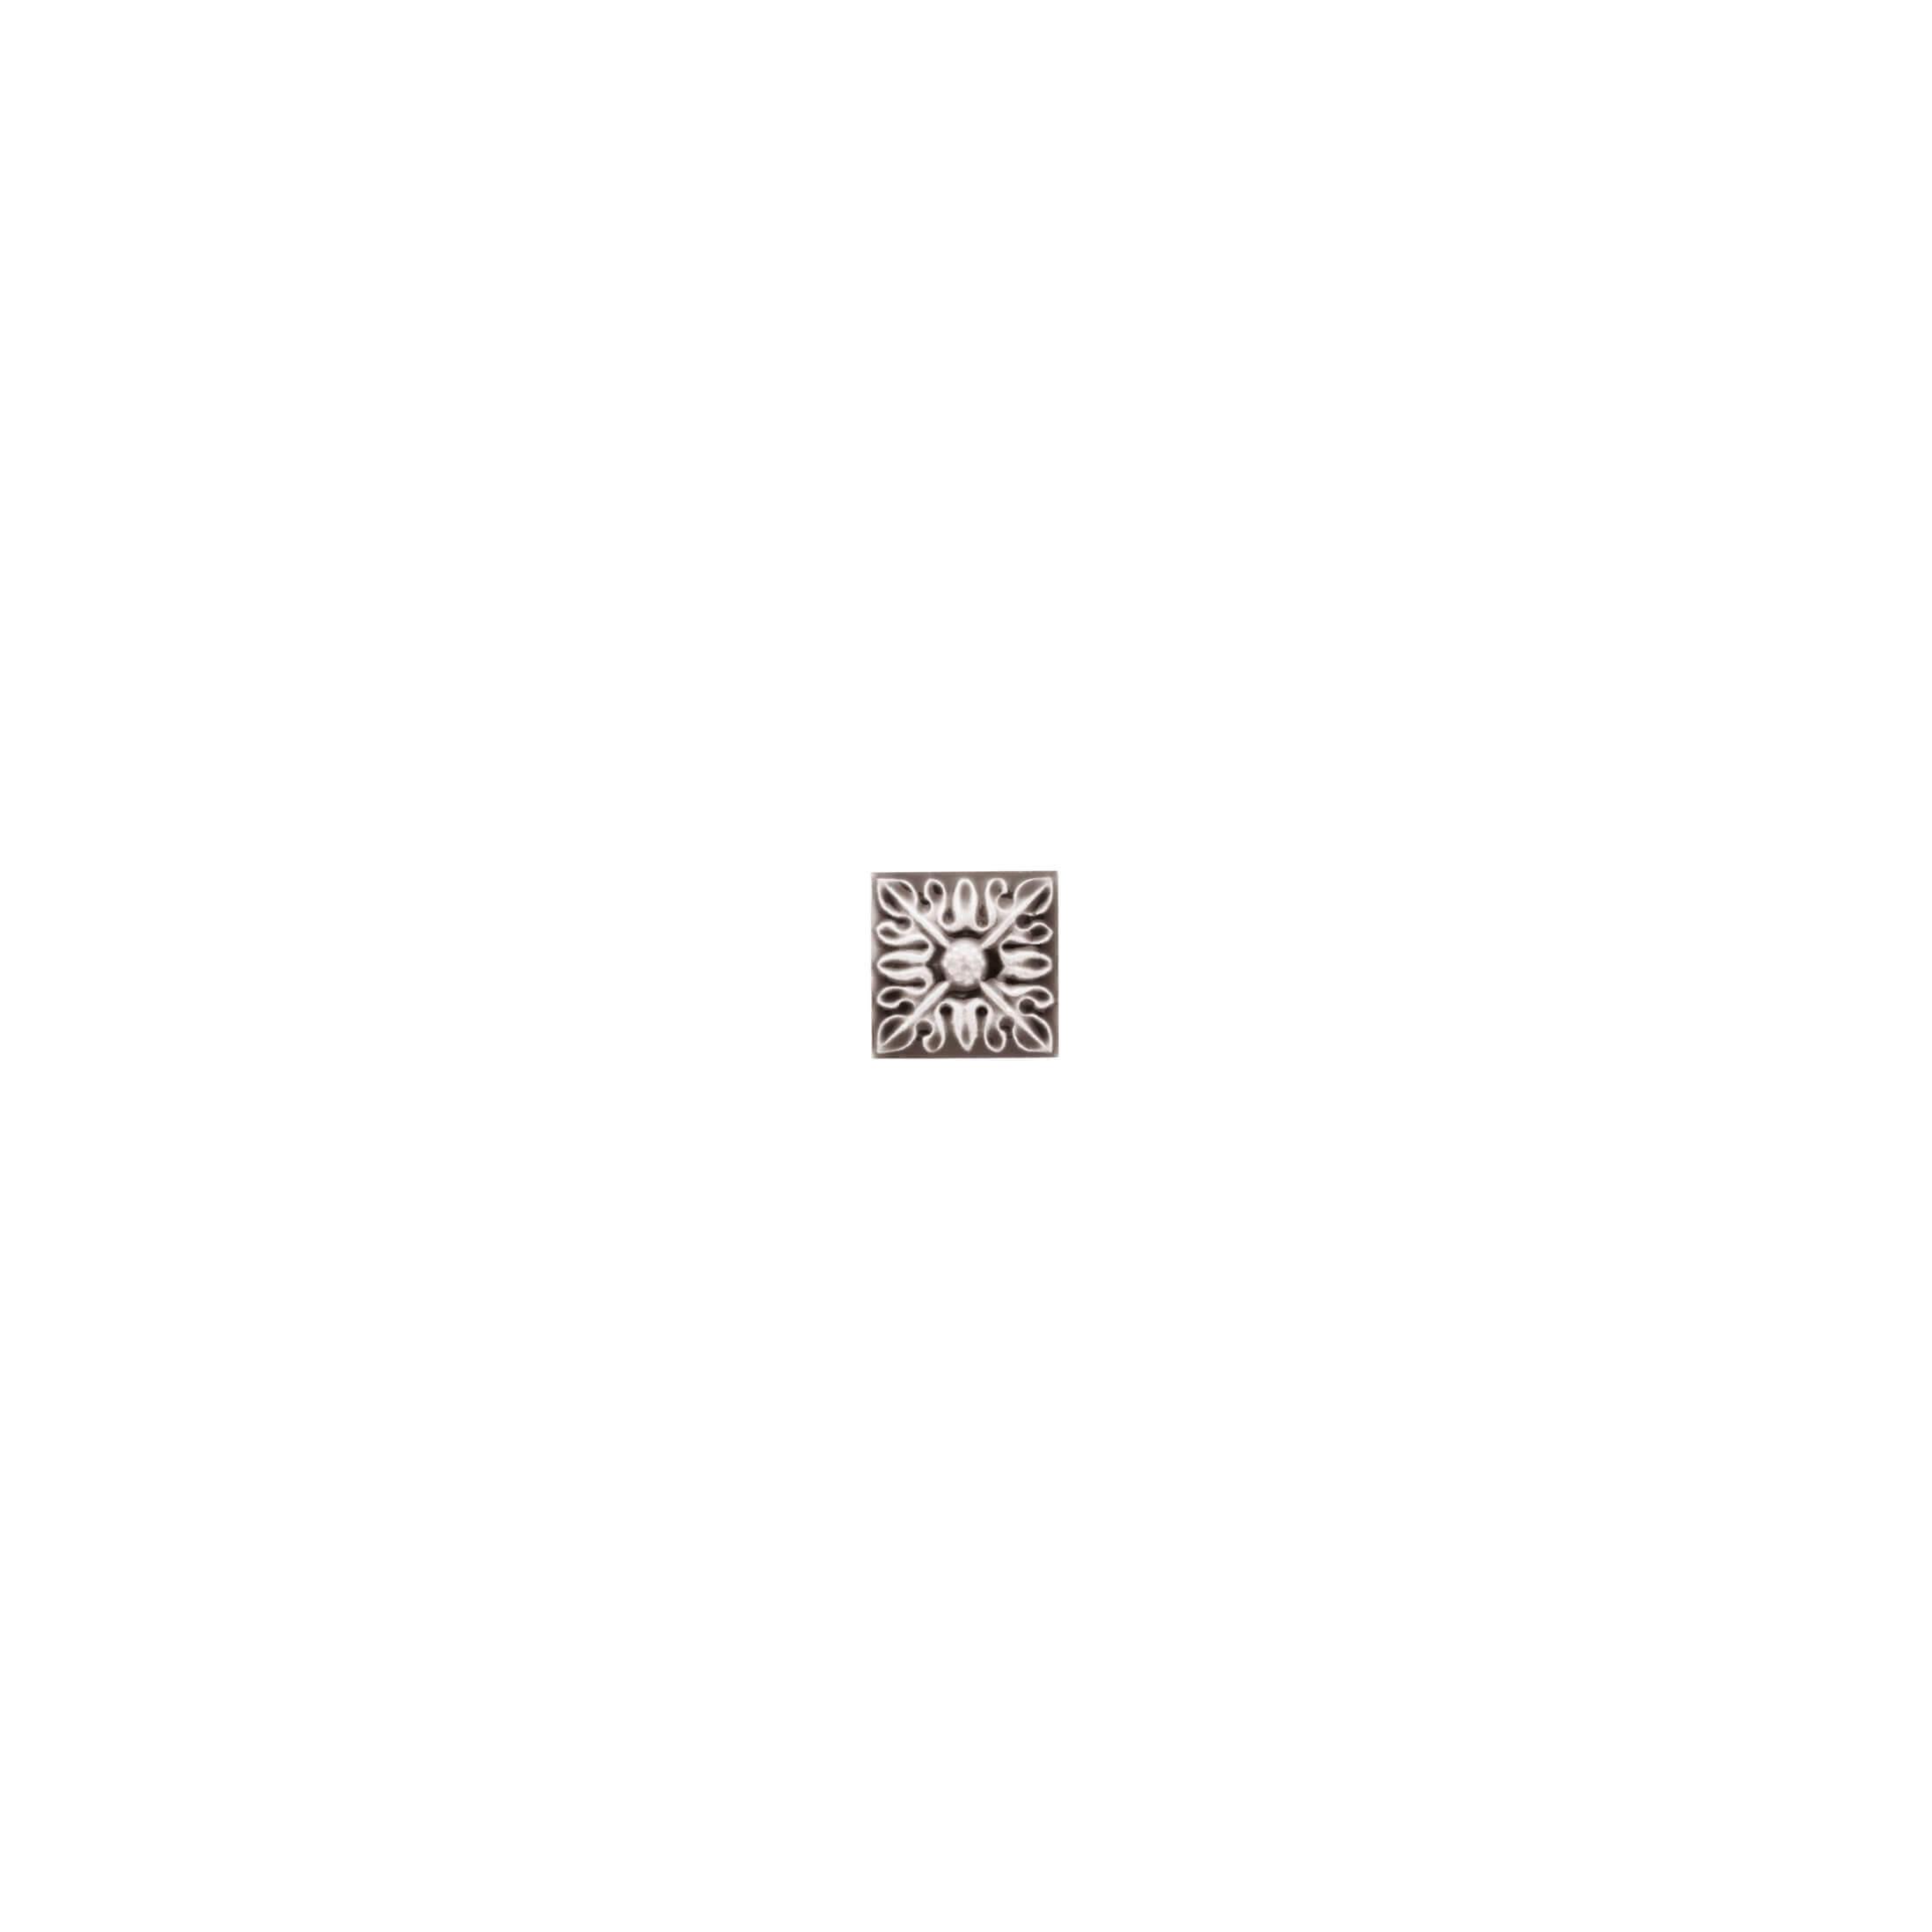 ADST4064 - TACO RELIEVE FLOR Nº 2 - 3 cm X 3 cm